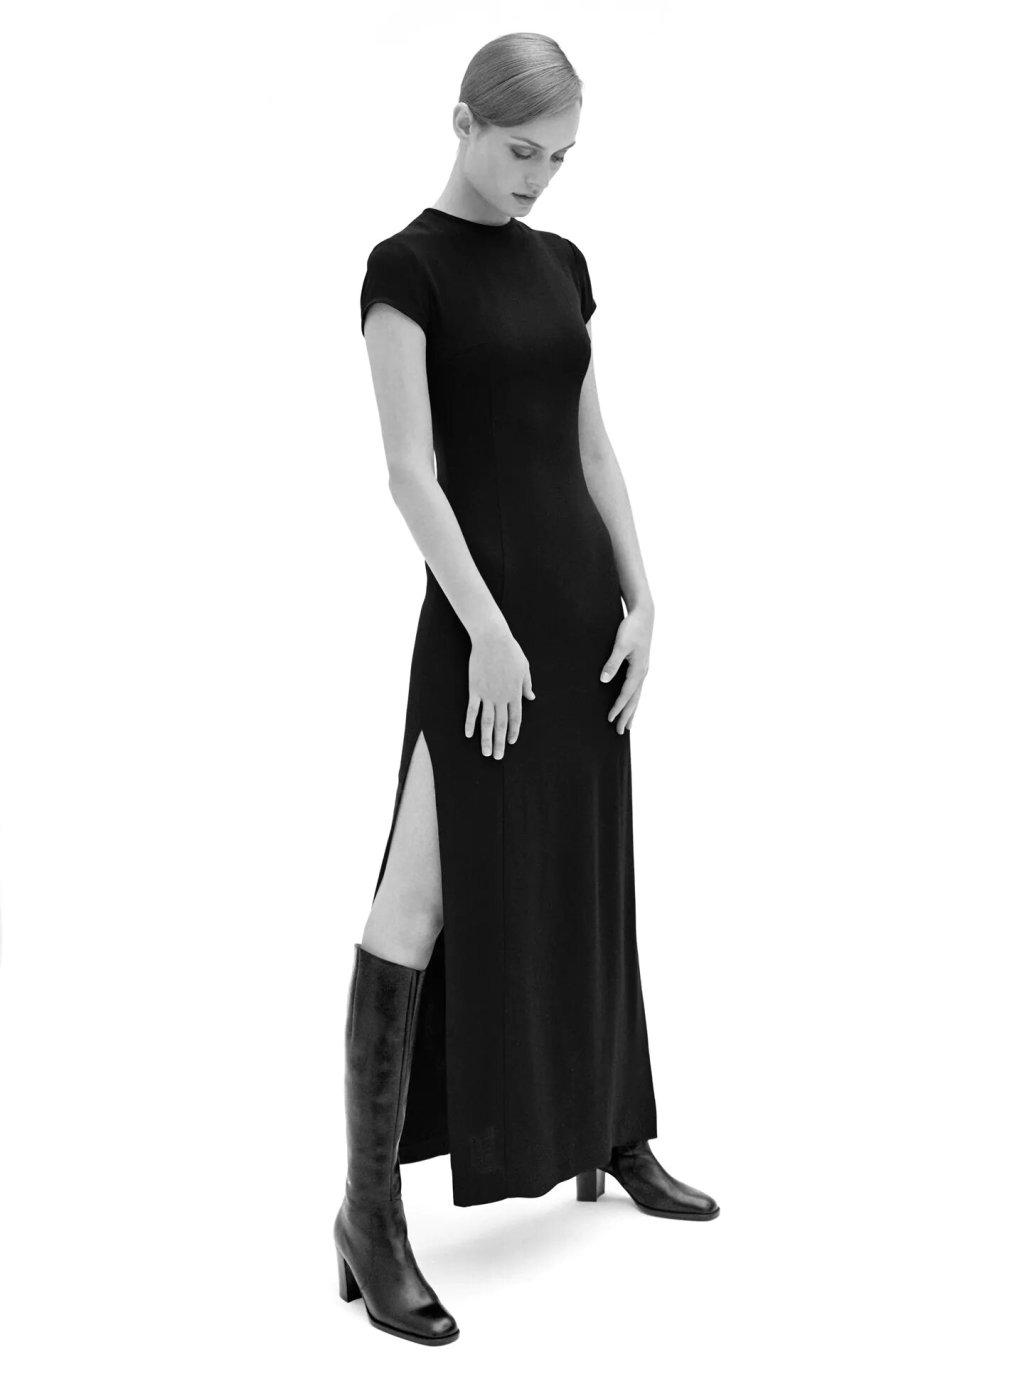 Zara regresa al pasado con su colección Archive Collection y relanza prendas icónicas